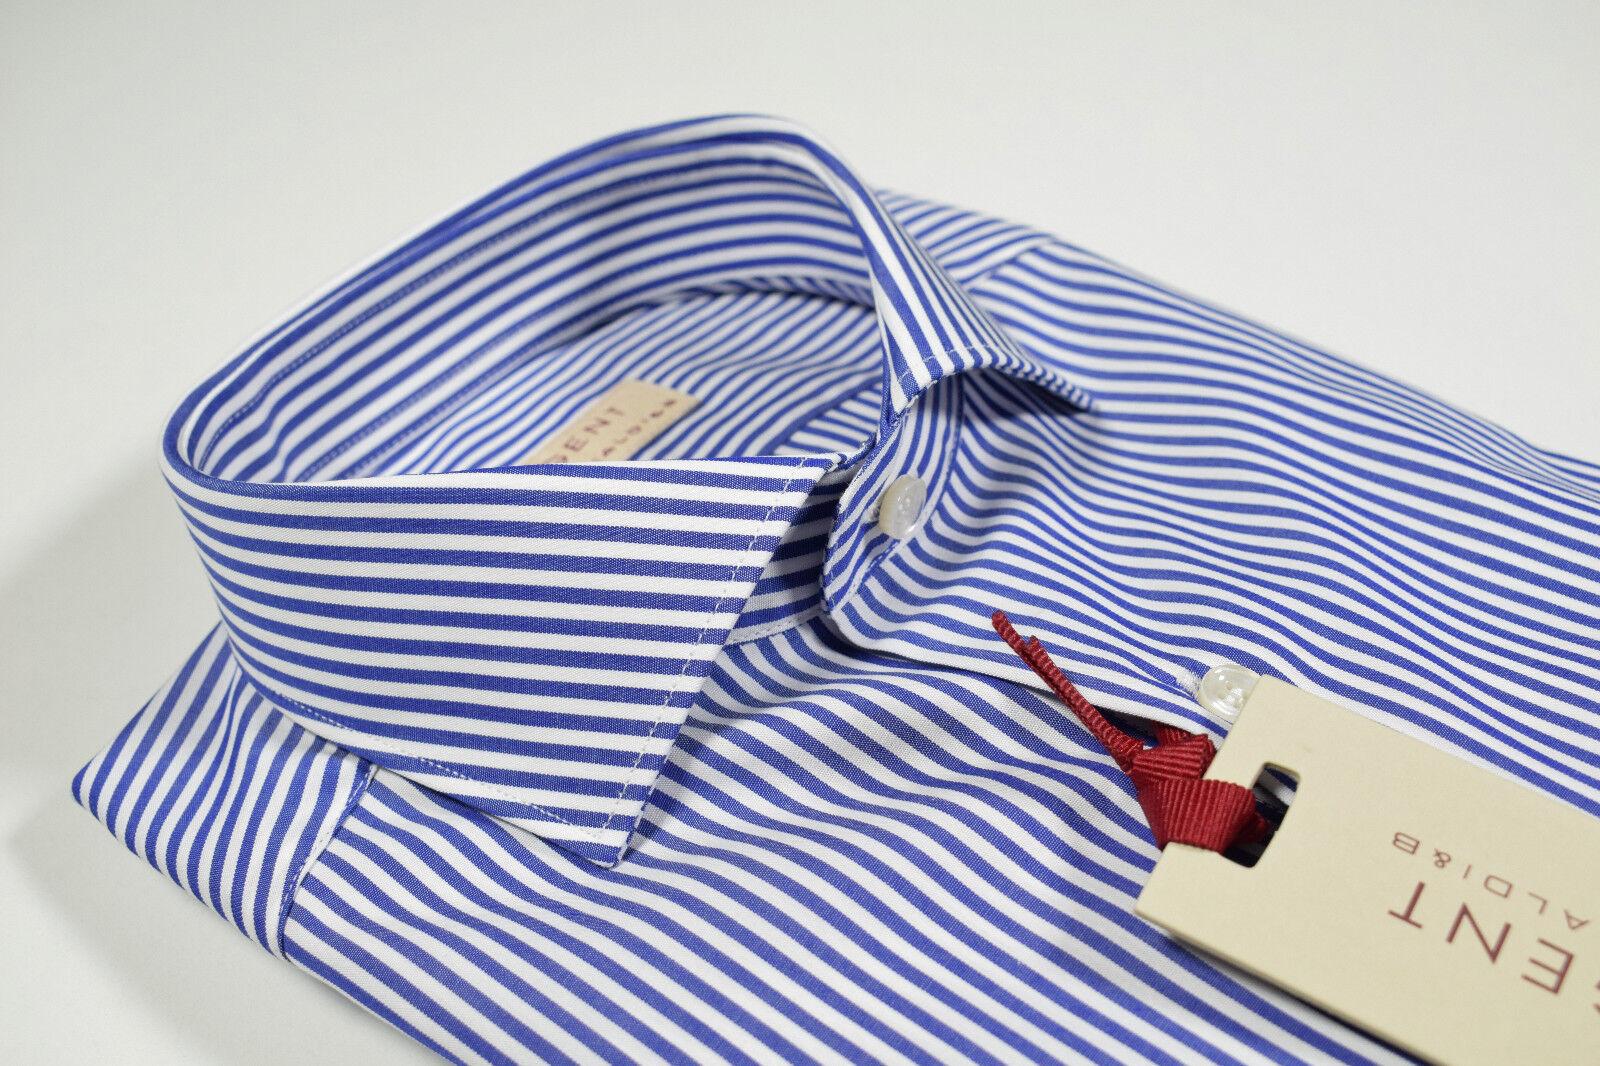 Camicia moda Regent by Pancaldi Slim Fit collo Francese puro cotone a righe Blu